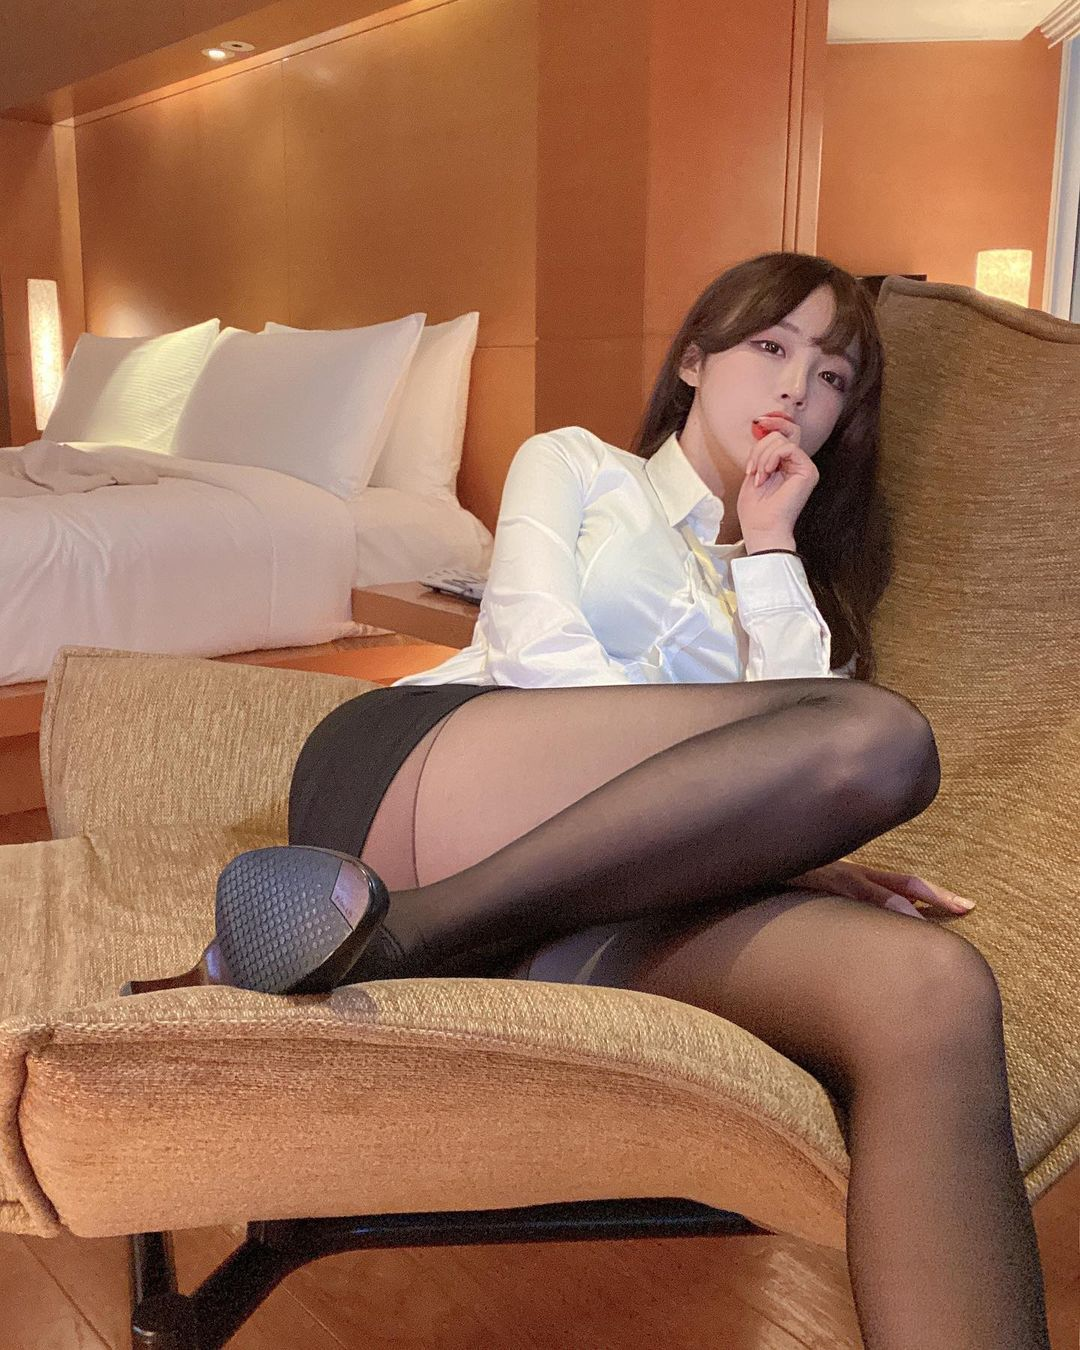 韩国美女主播김아영秘书套装黑丝包裹大腿超性感 美图 热图3